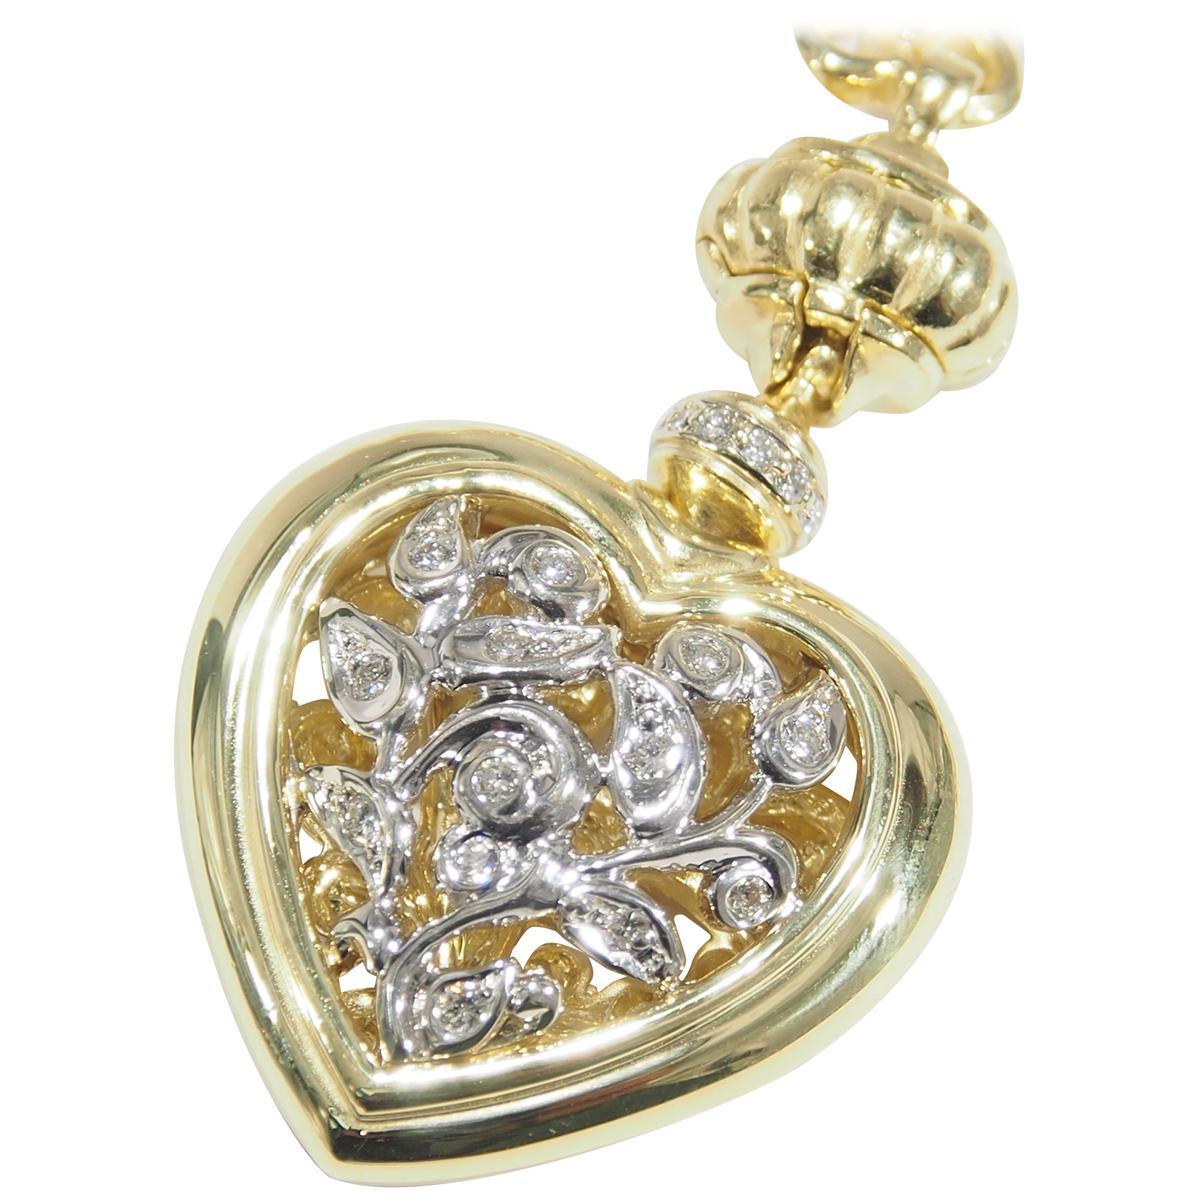 18 Karat Seidengang Diamond Necklace Yellow White Gold 0.72 Carat